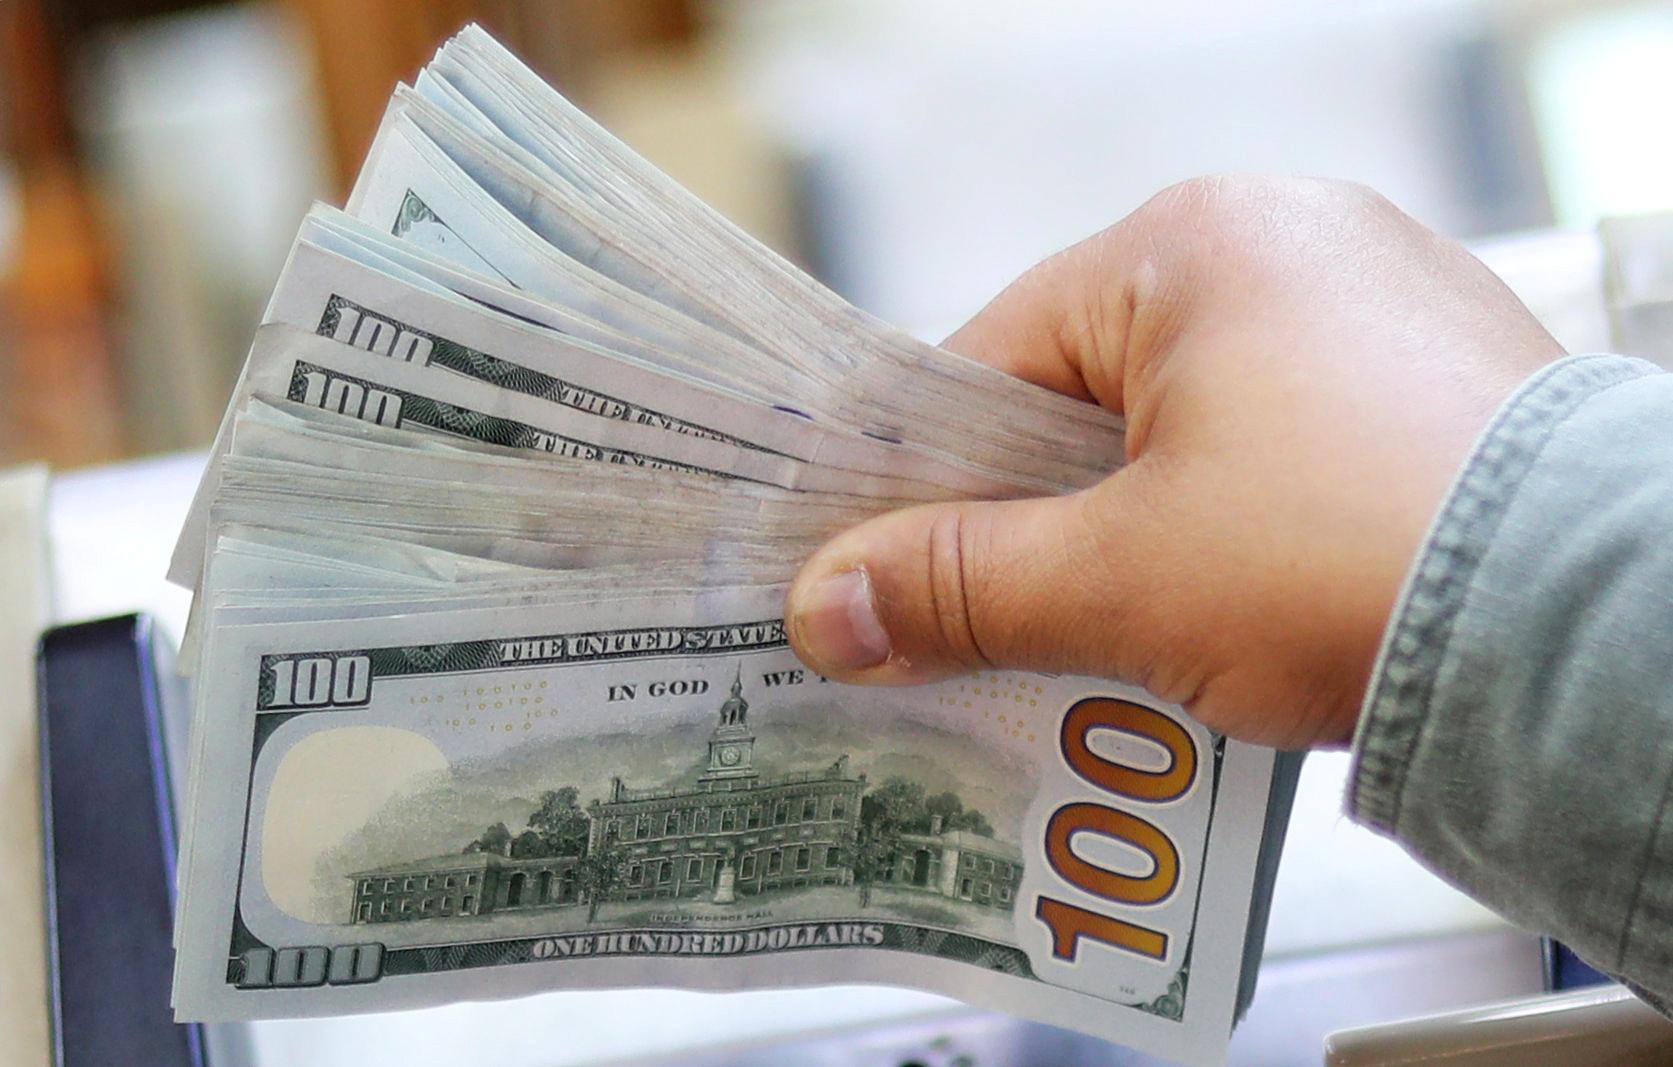 خبير اقتصادي يكشف سبب انخفاض الدولار المفاجئ في مصر لأول مرة منذ 2017